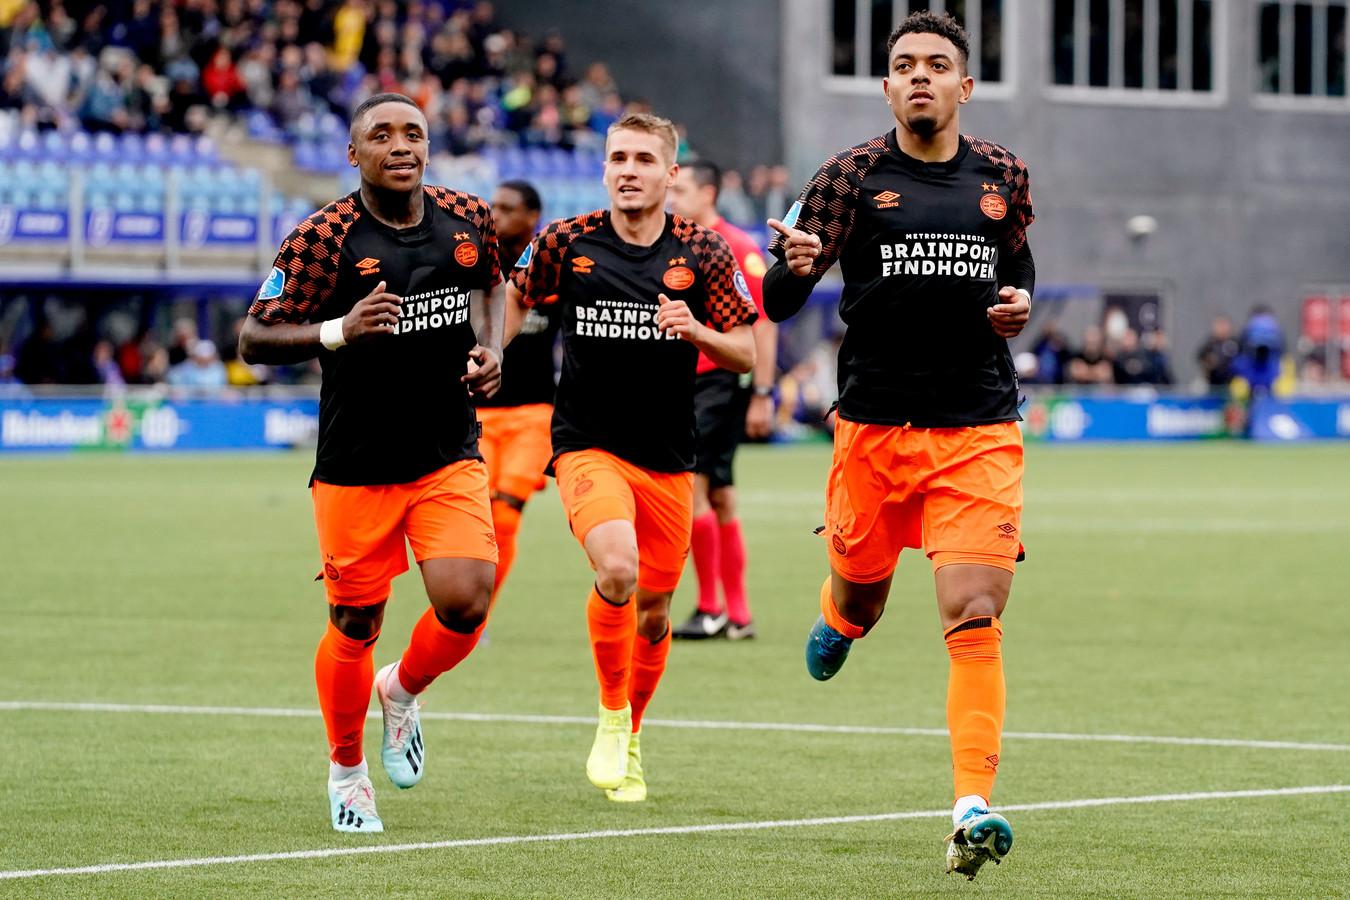 Brainport Eindhoven is komend seizoen in shirts van Puma te zien bij PSV. Op de foto Donyell Malen (rechts), Michal Sadílek (midden) en Steven Bergwijn.